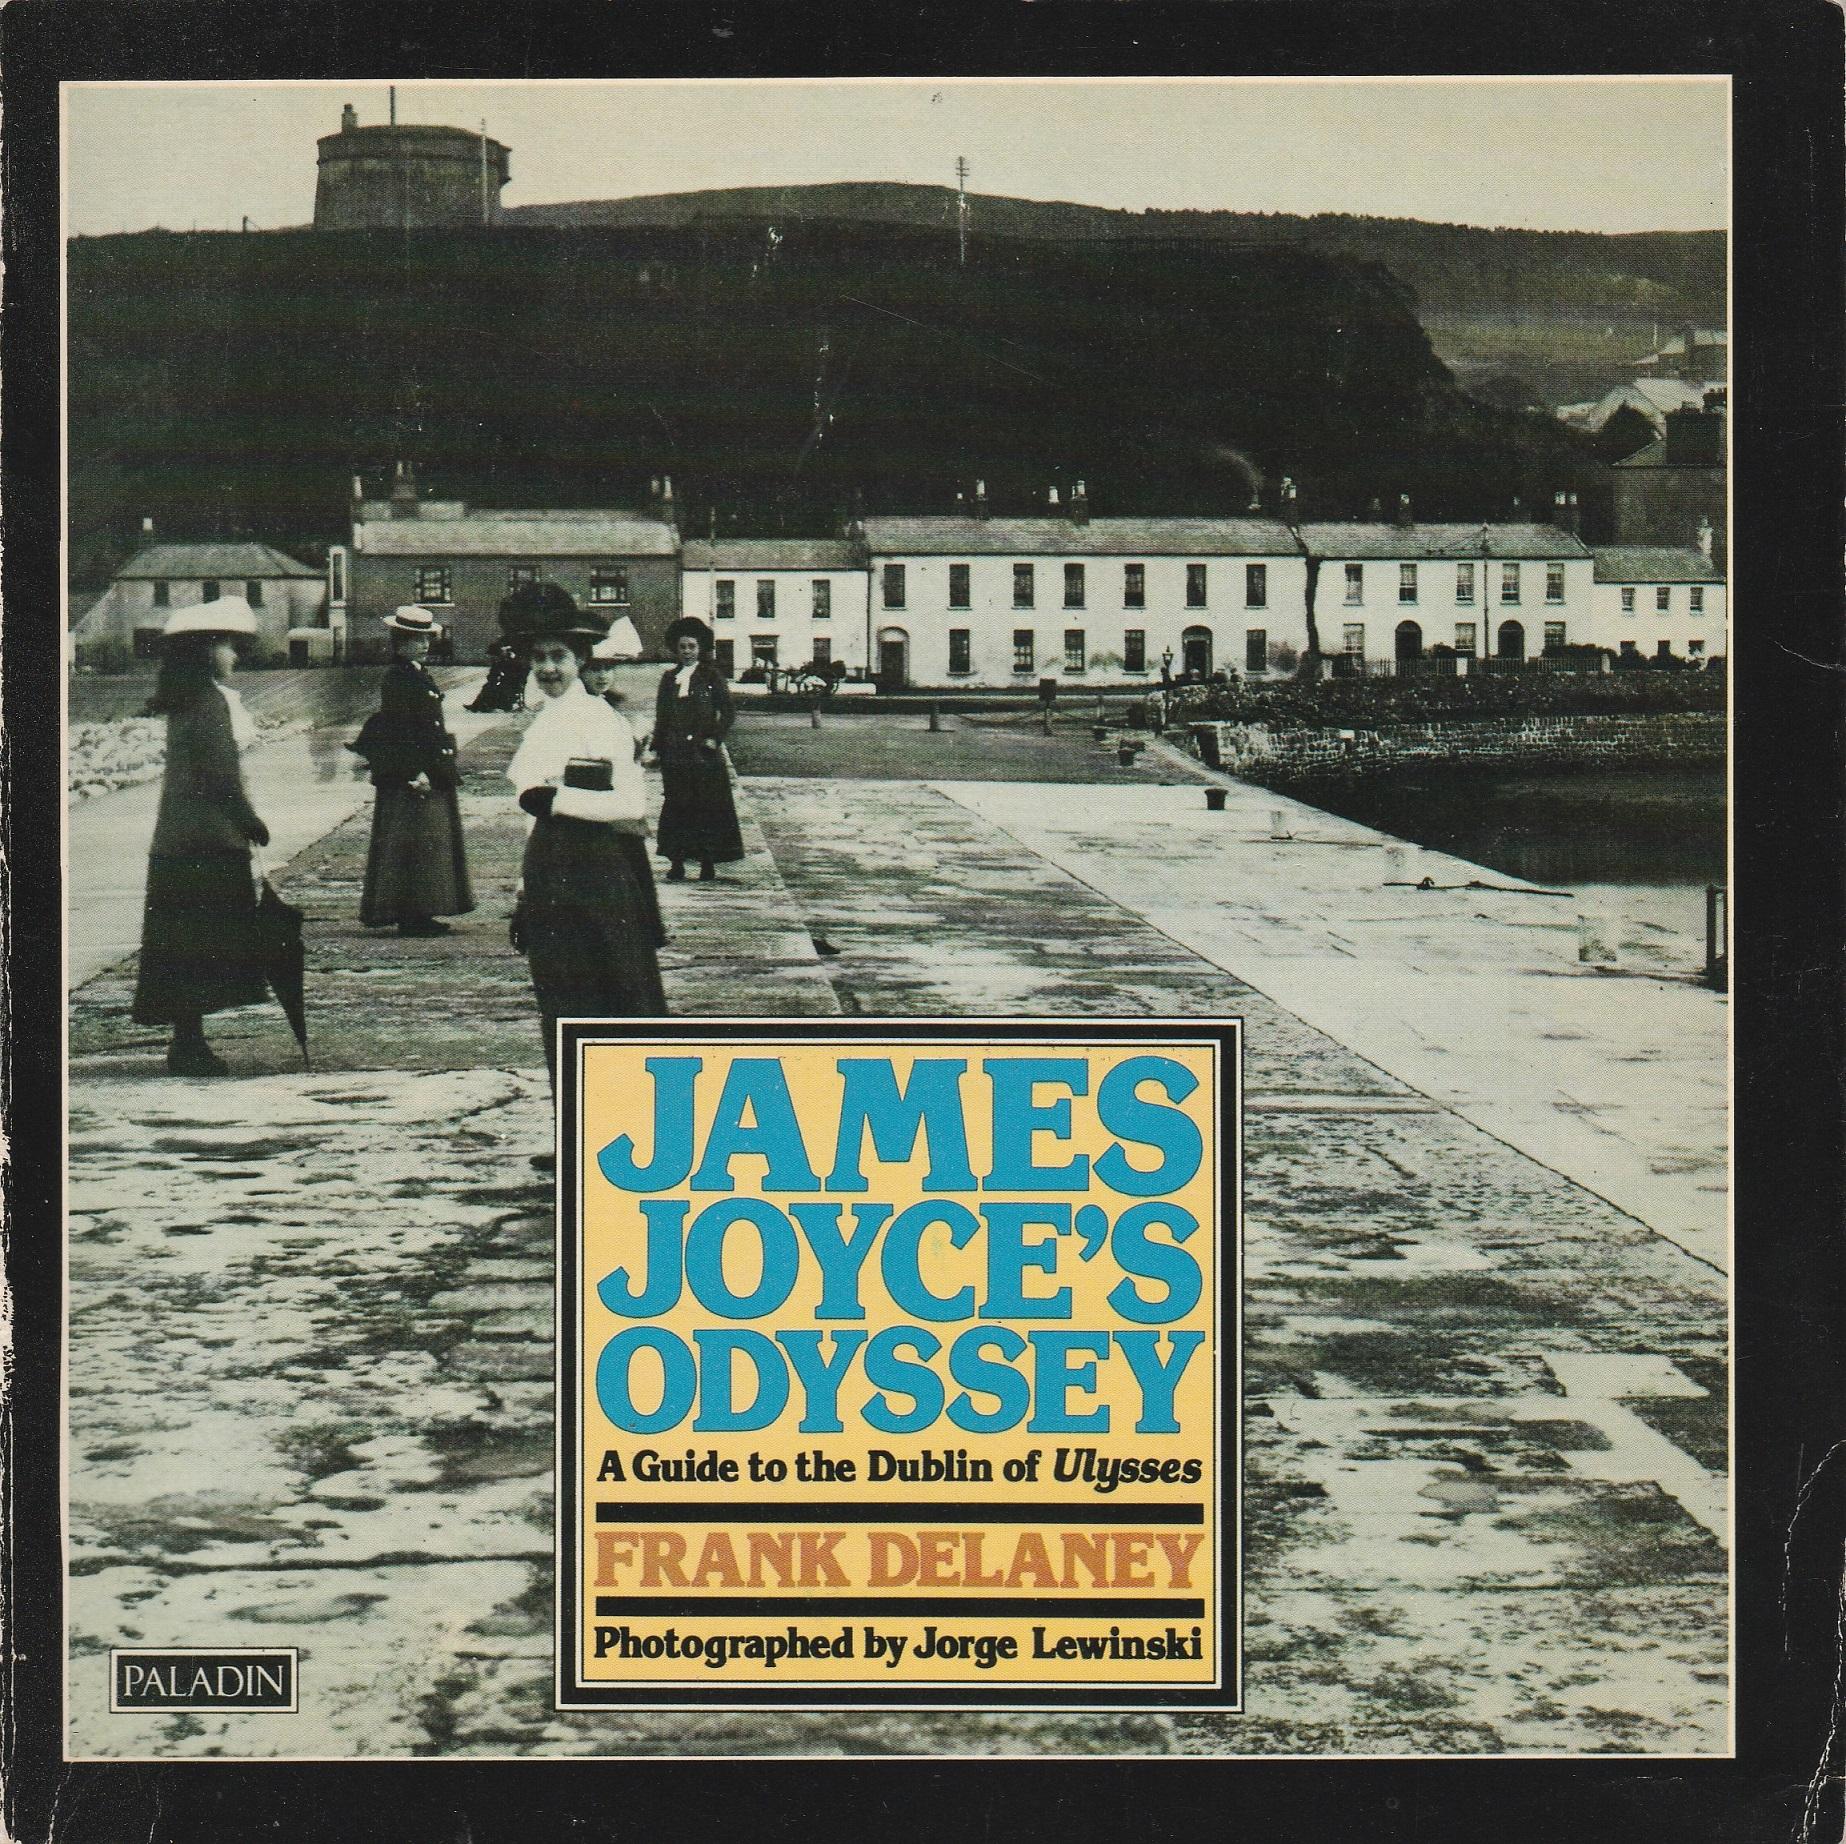 James Joyce's Odissey